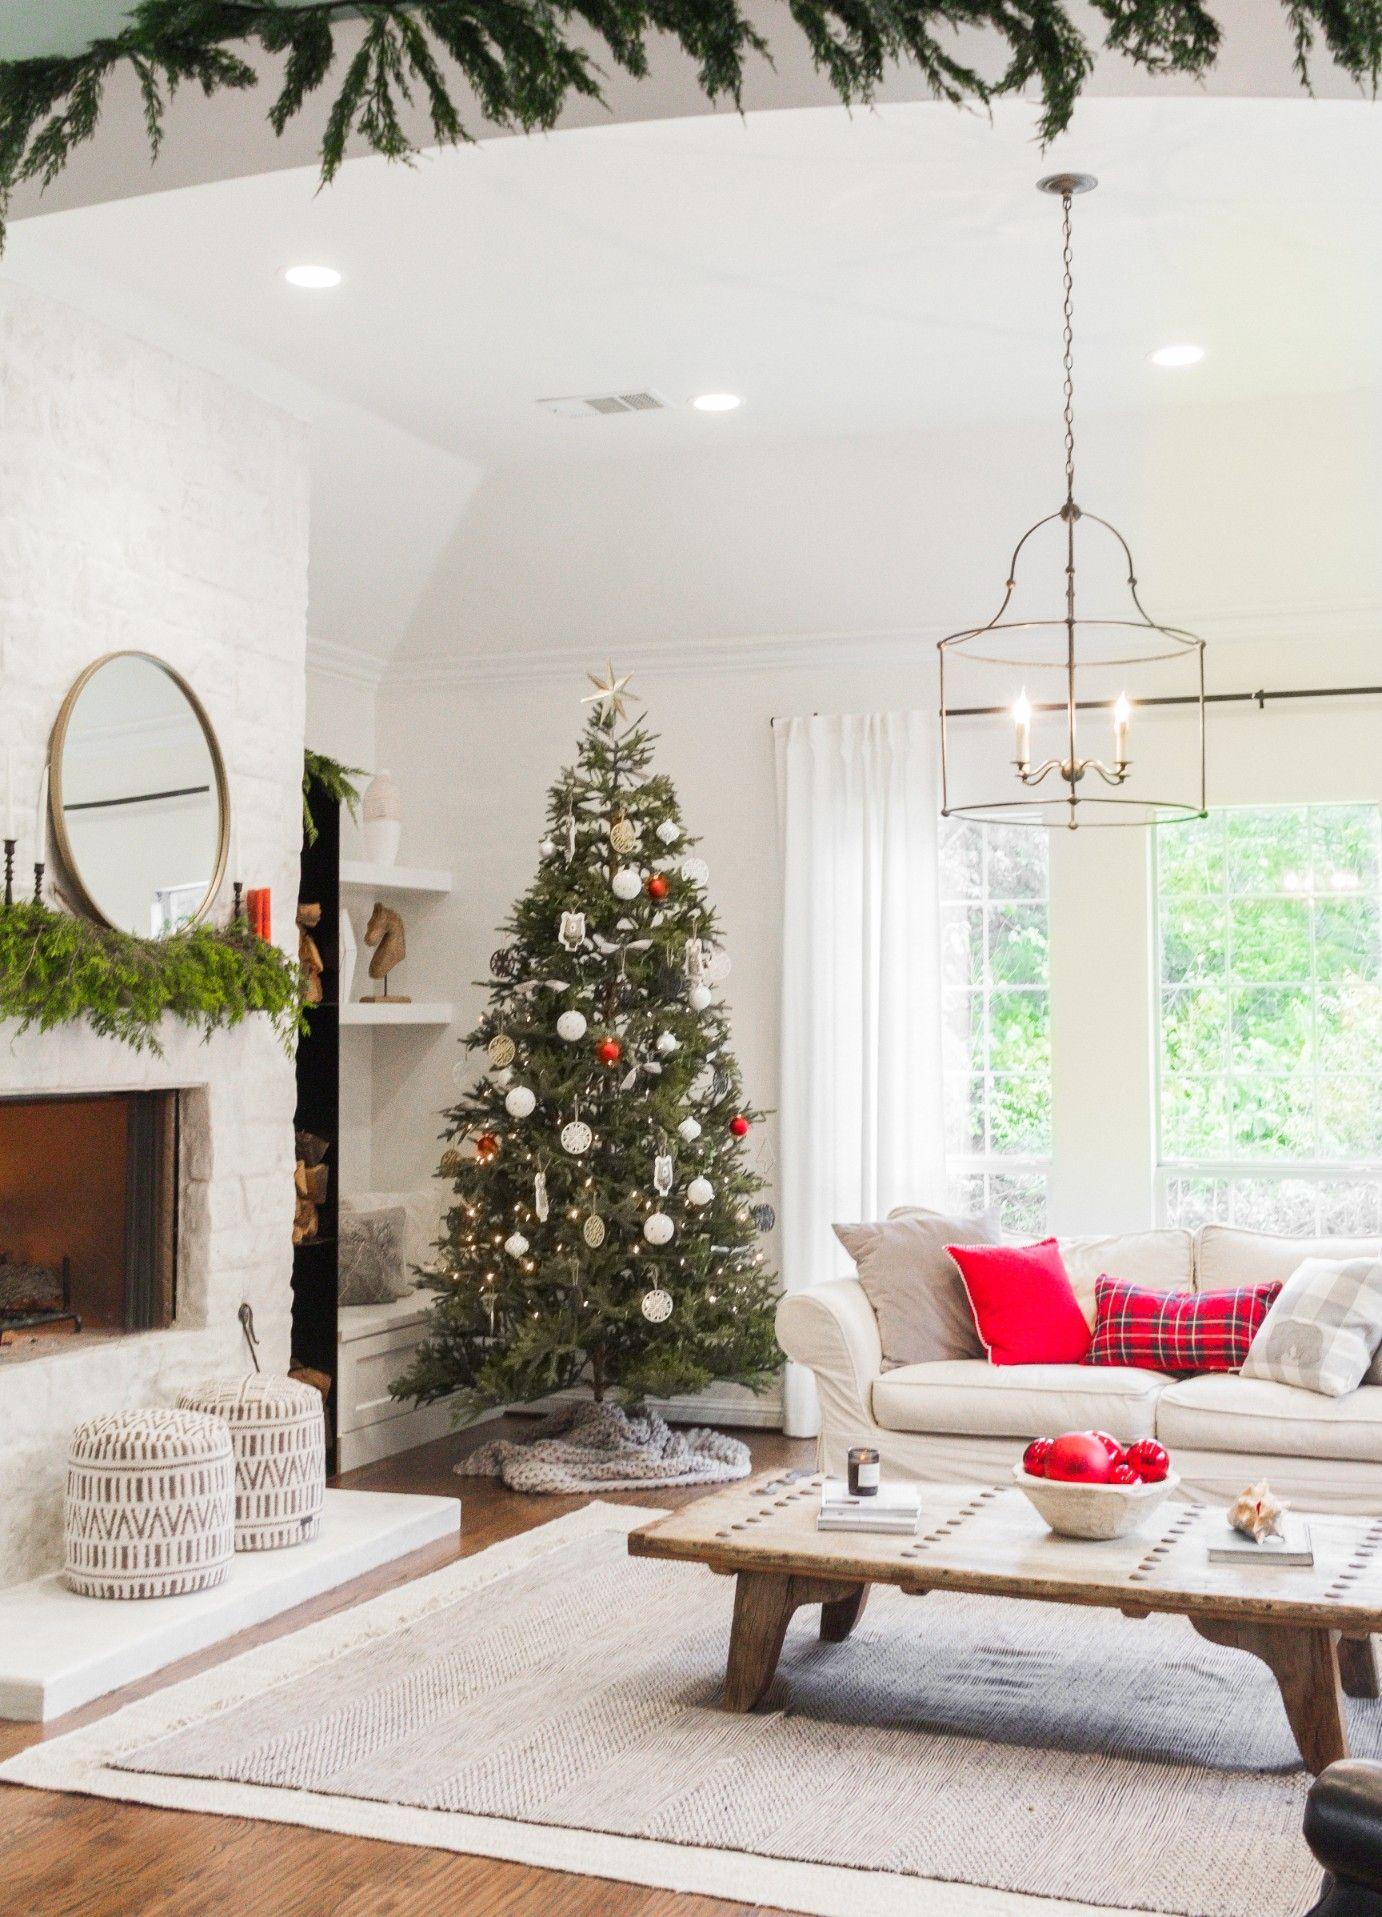 A Tasteful Hallmark Christmas Farmhouse Living Christmas Decorations Living Room Christmas Coffee Table Decor Simple Christmas Decor Living room xmas decoration